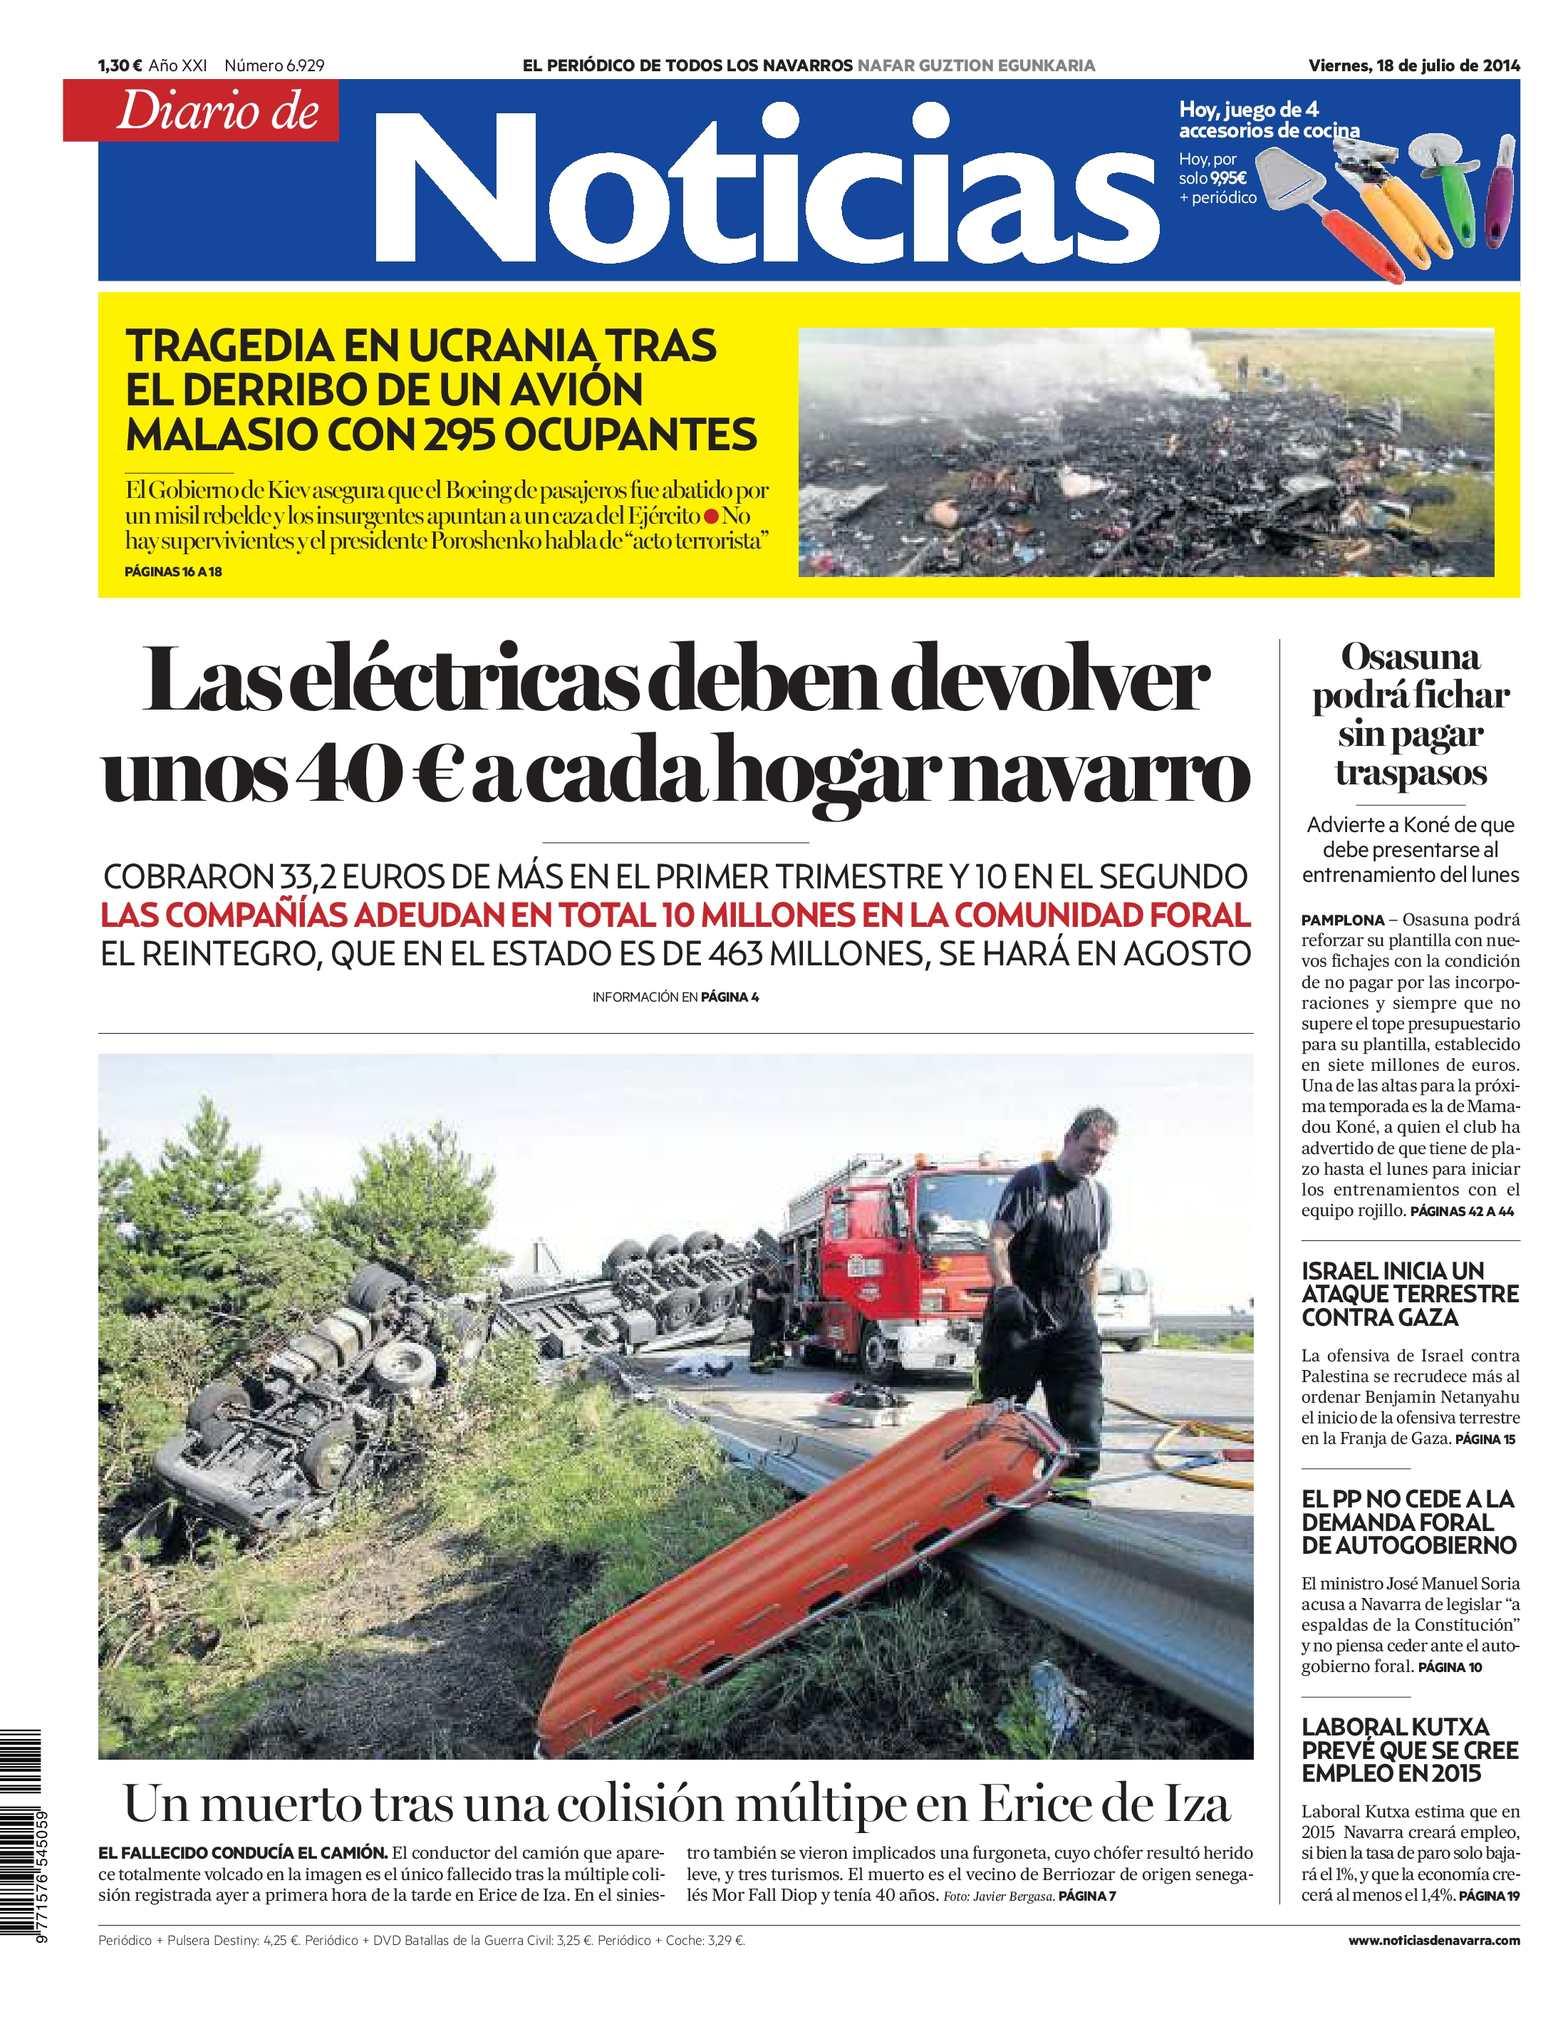 Calaméo - Diario de Noticias 20140718